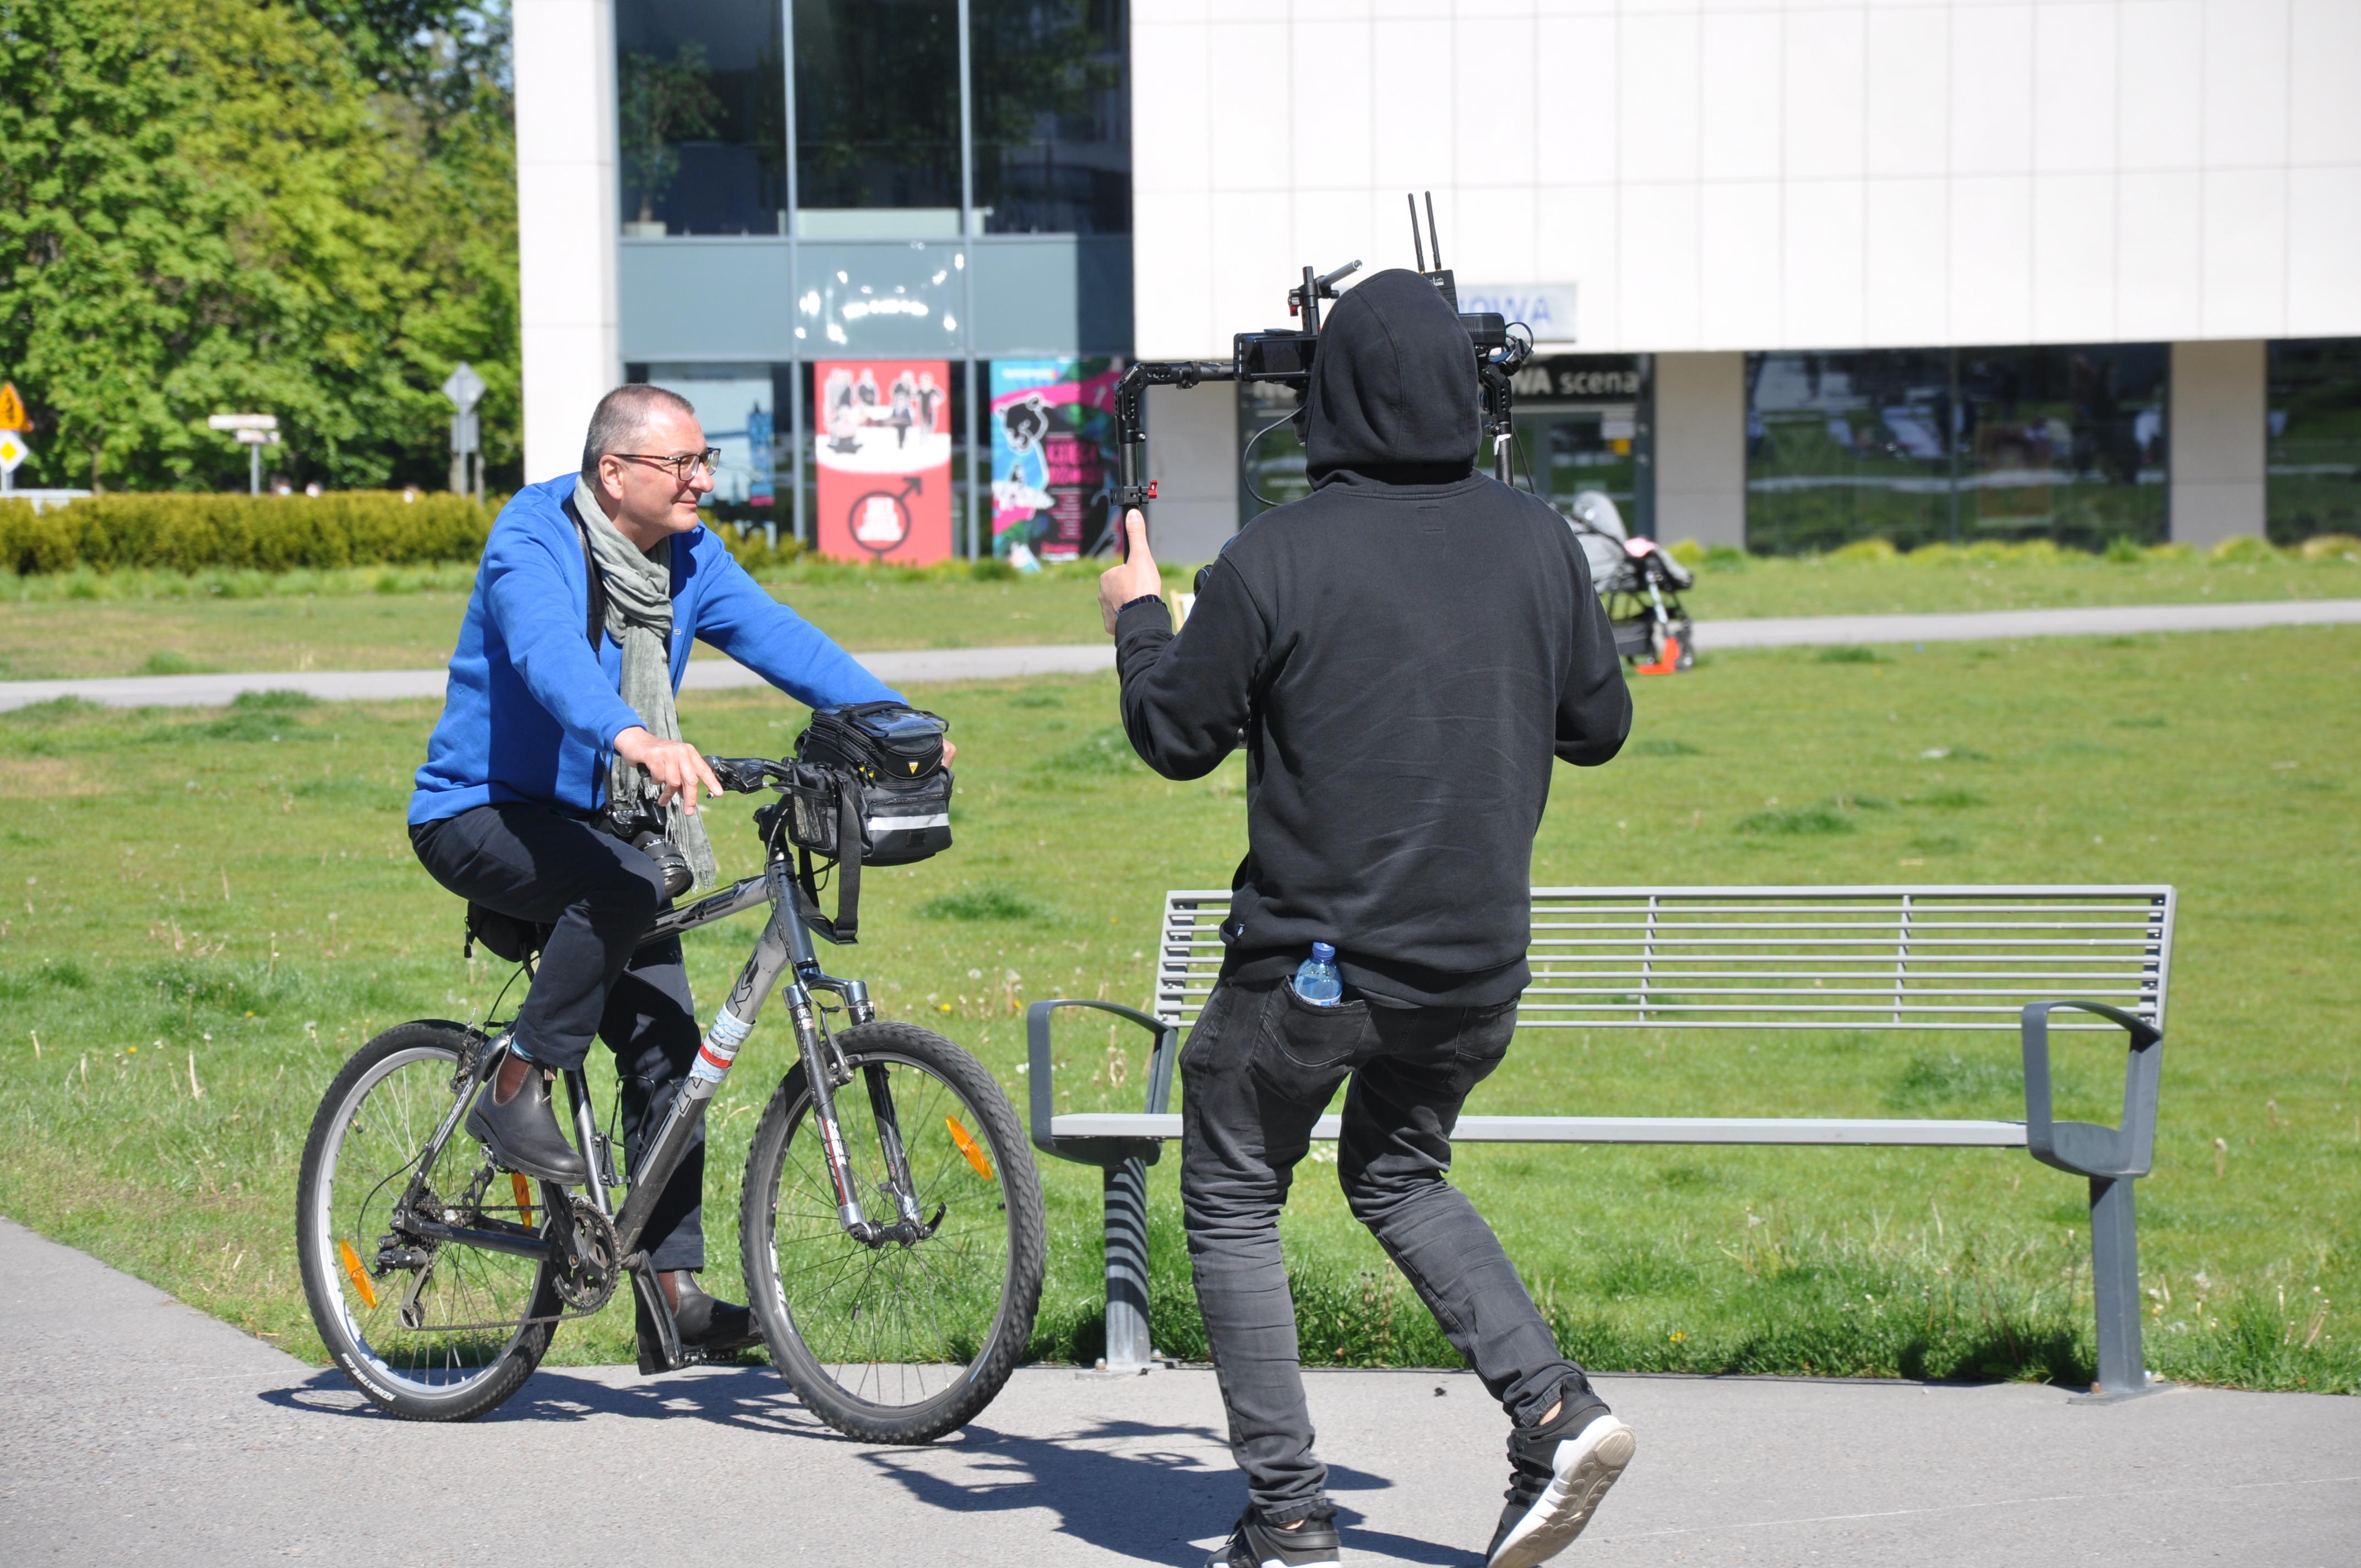 Kamera, akcja! Jerzy Majewski na Placu Grunwaldzkim, fot. Magda Śliżewska